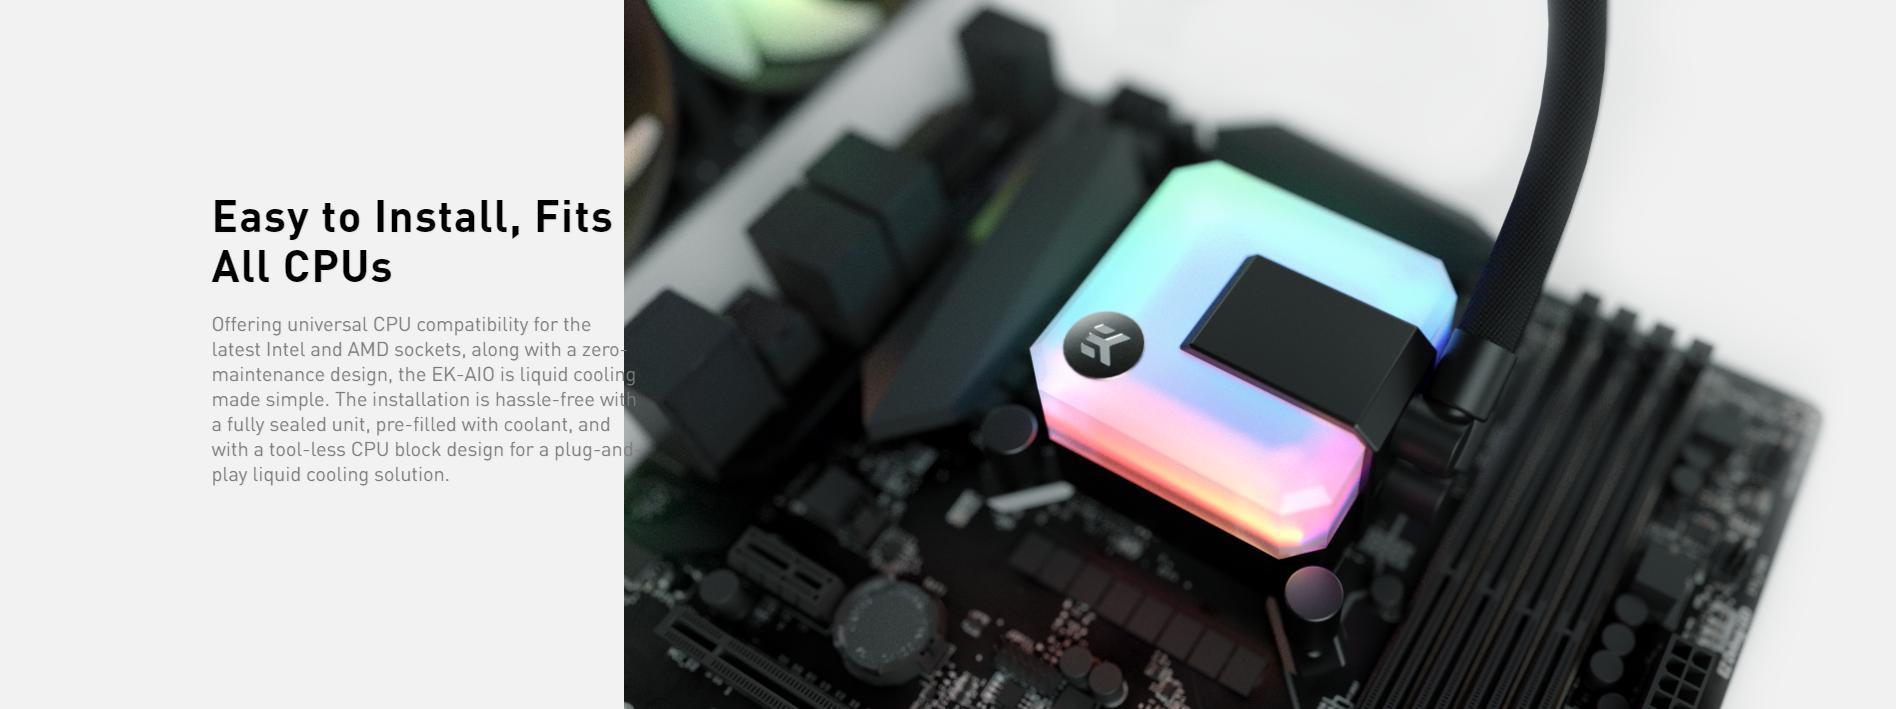 Tản nhiệt nước EK-AIO 240 D-RGB dễ dàng lắp đặt, vừa vặn với tất cả CPU